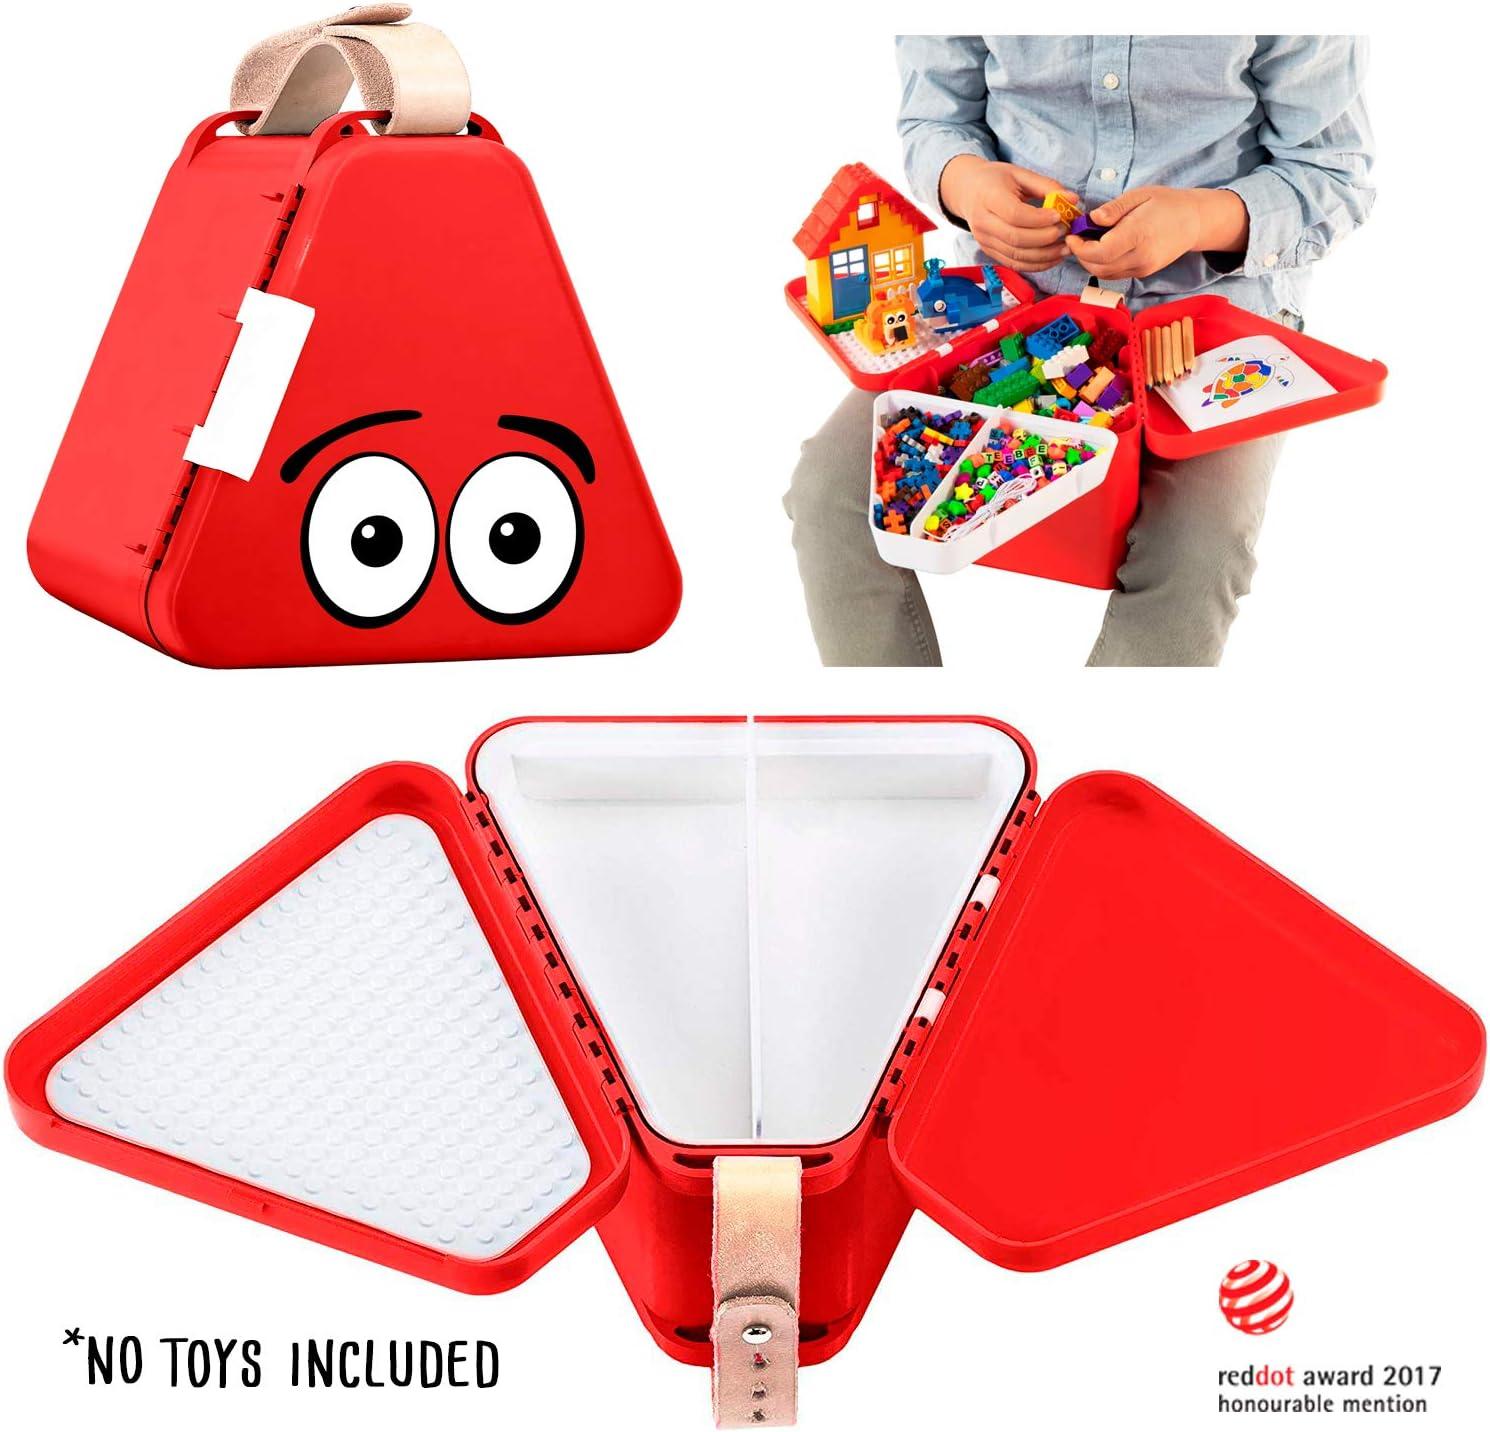 teebee - Caja de Juguetes de Viaje para niños, Bandeja de Actividades y Maleta para Coche y avión, Juego Creativo en el Asiento para niños y niñas (Rojo)